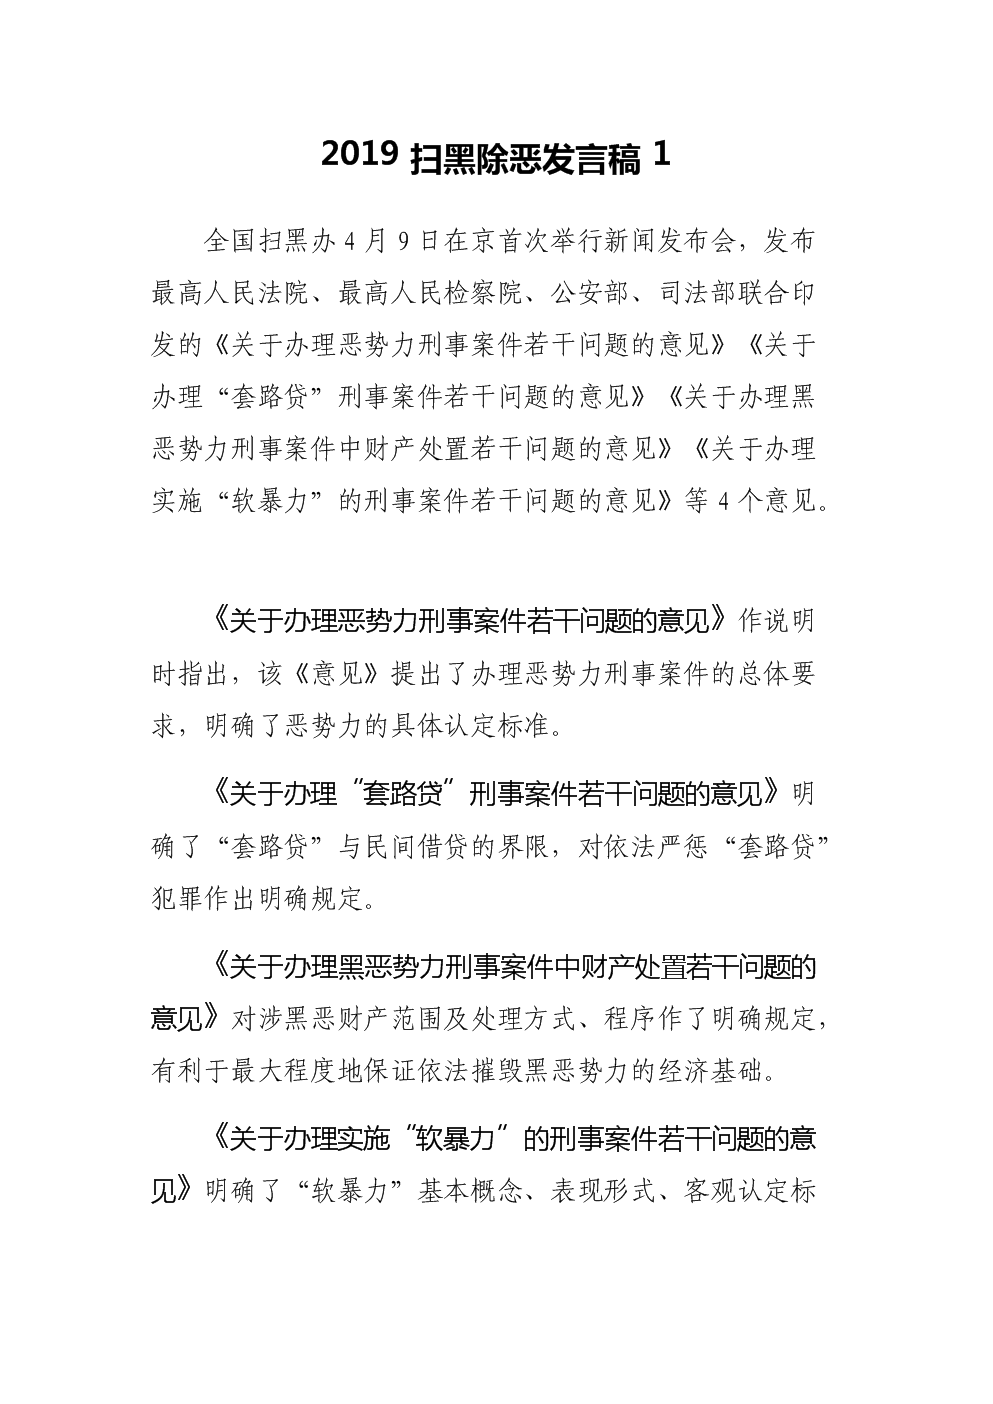 2019扫黑除恶发言稿心得体会汇编.doc